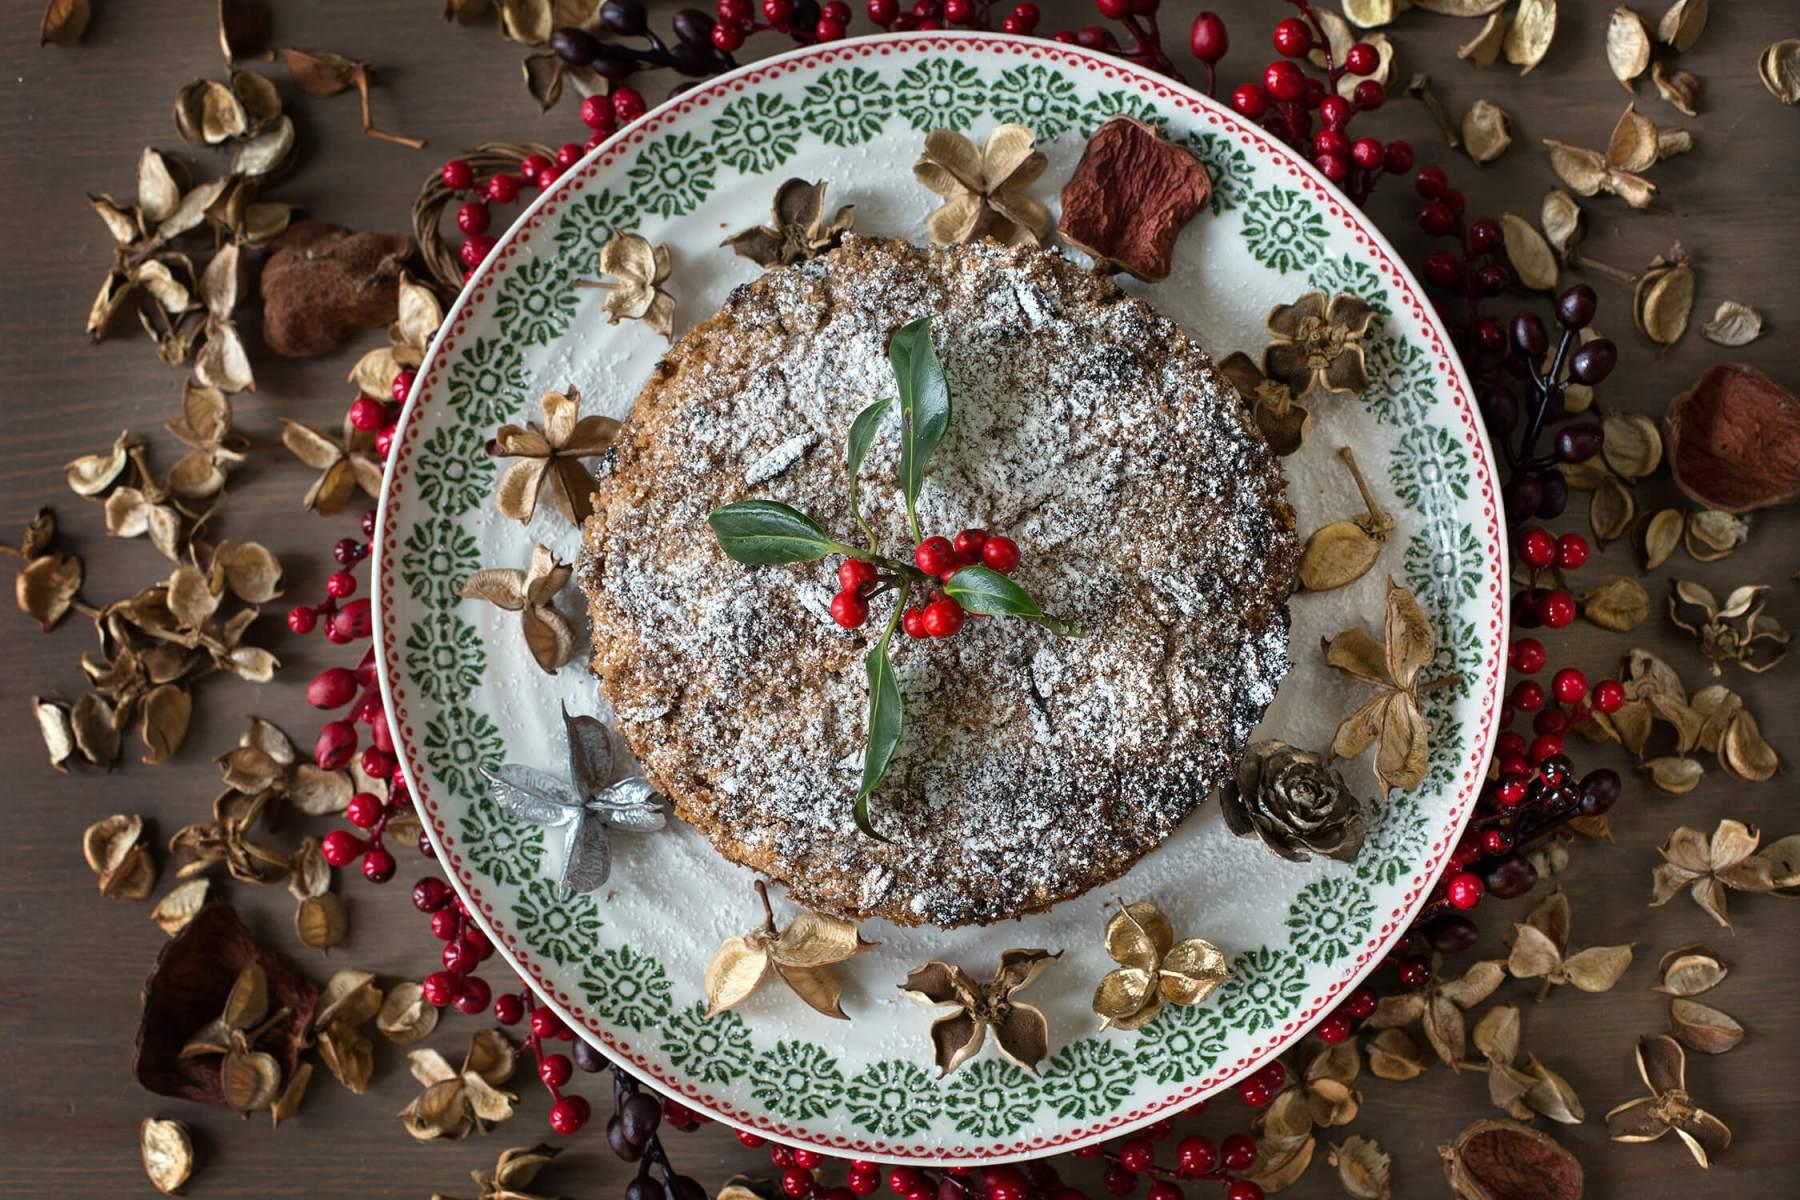 rachel-allen-christmas-baking